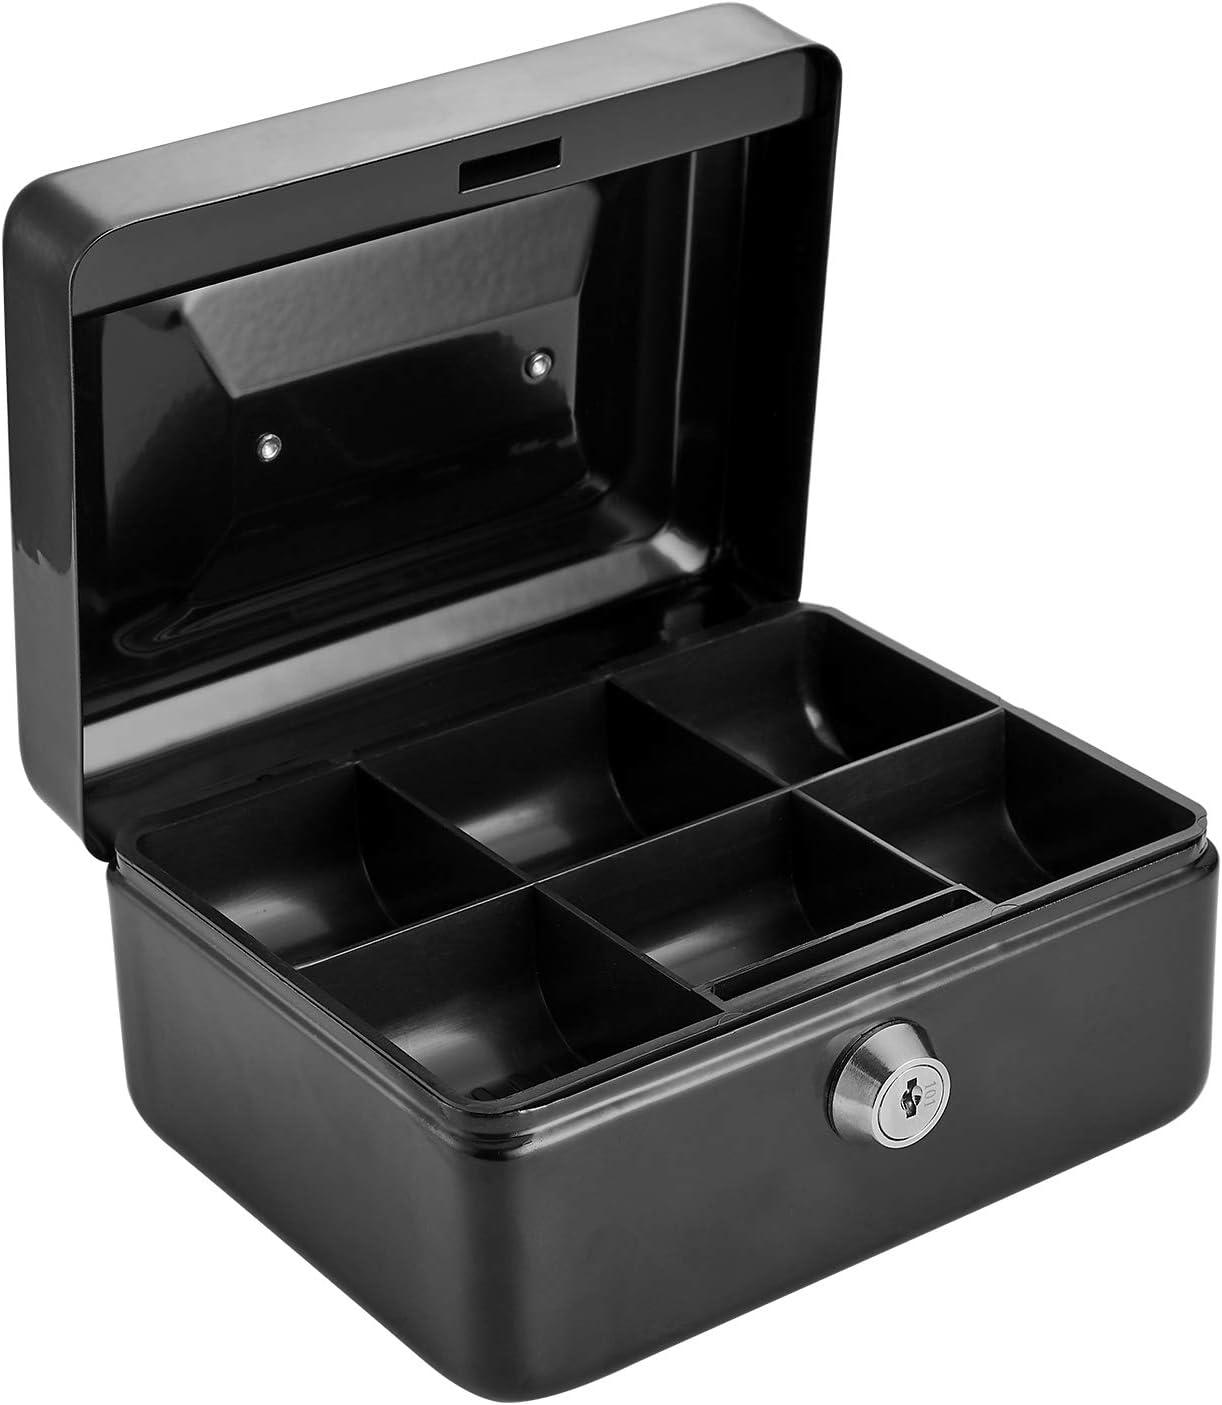 color puede variar 15,2 cm Tech Traders Caja de metal con 2 llaves